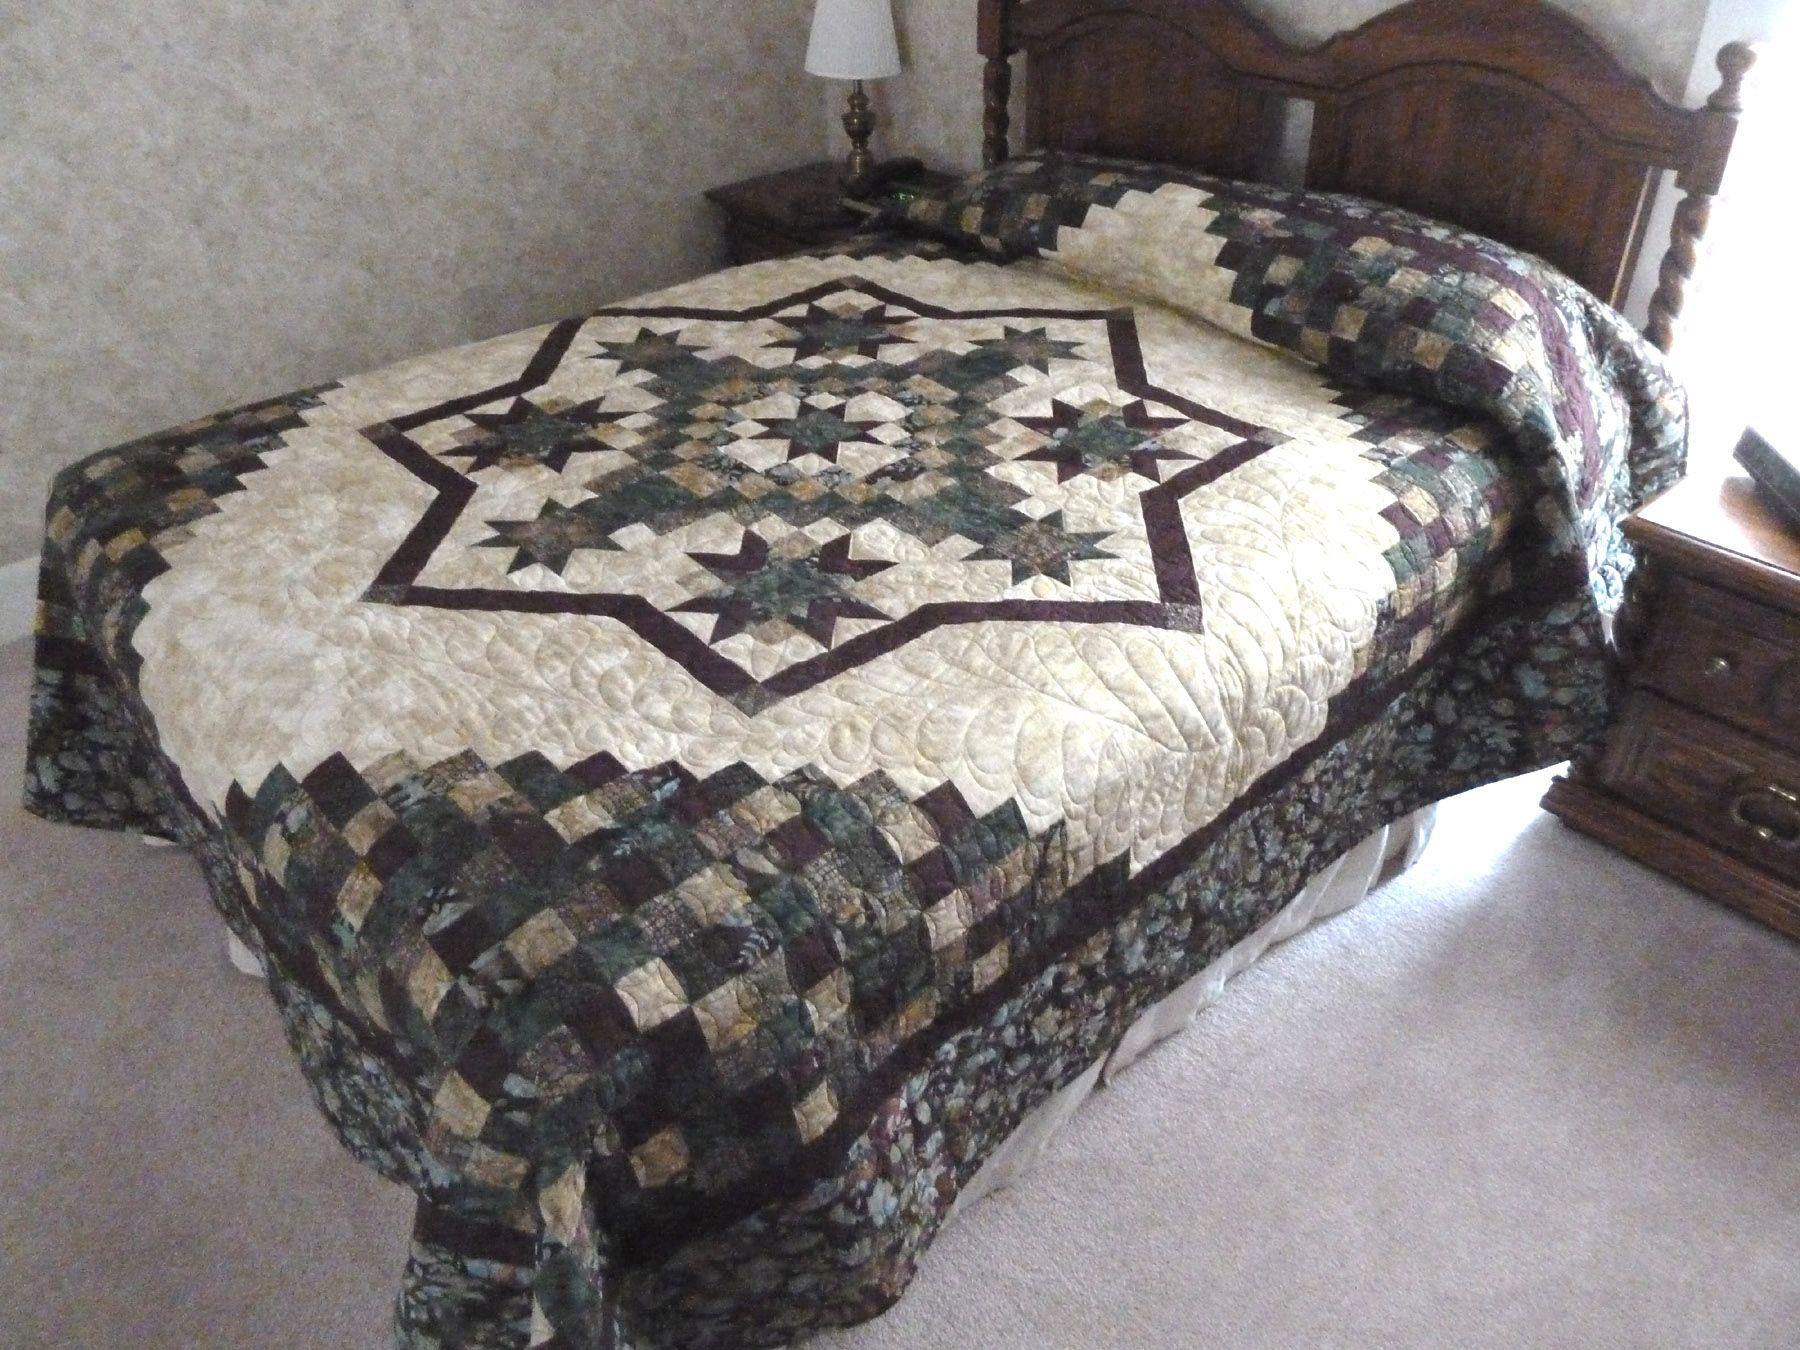 downloads queen size quilts pattern | Irish Mist Variation - Queen ... : irish mist quilt - Adamdwight.com